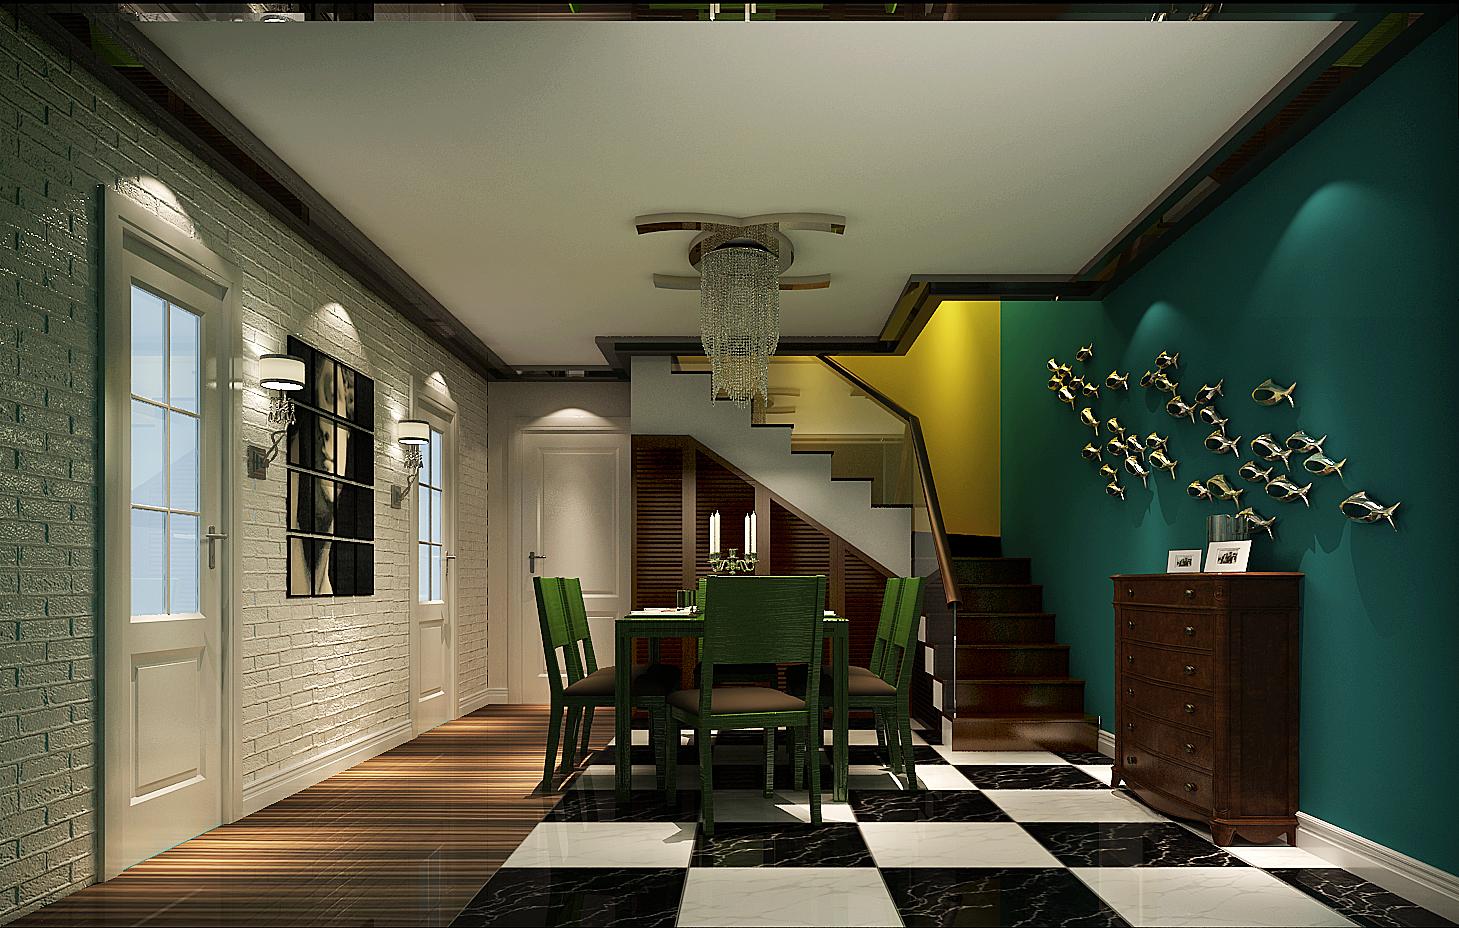 高度国际 复式 白领 餐厅图片来自凌军在3.7w打造个性时尚的两人世界的分享